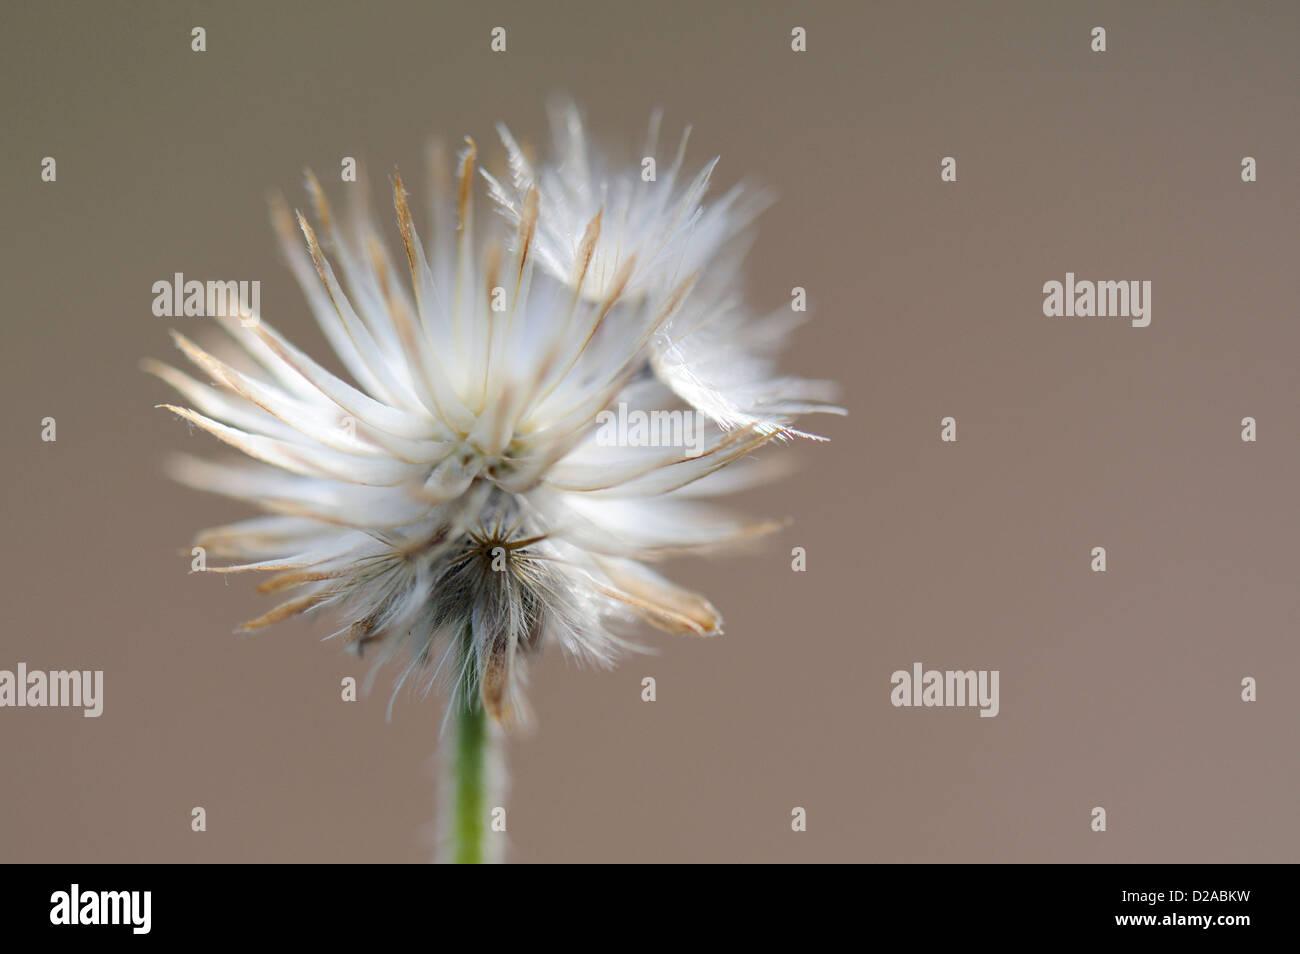 Wild white flowers india stock photos wild white flowers india white bright spiky flower stock image mightylinksfo